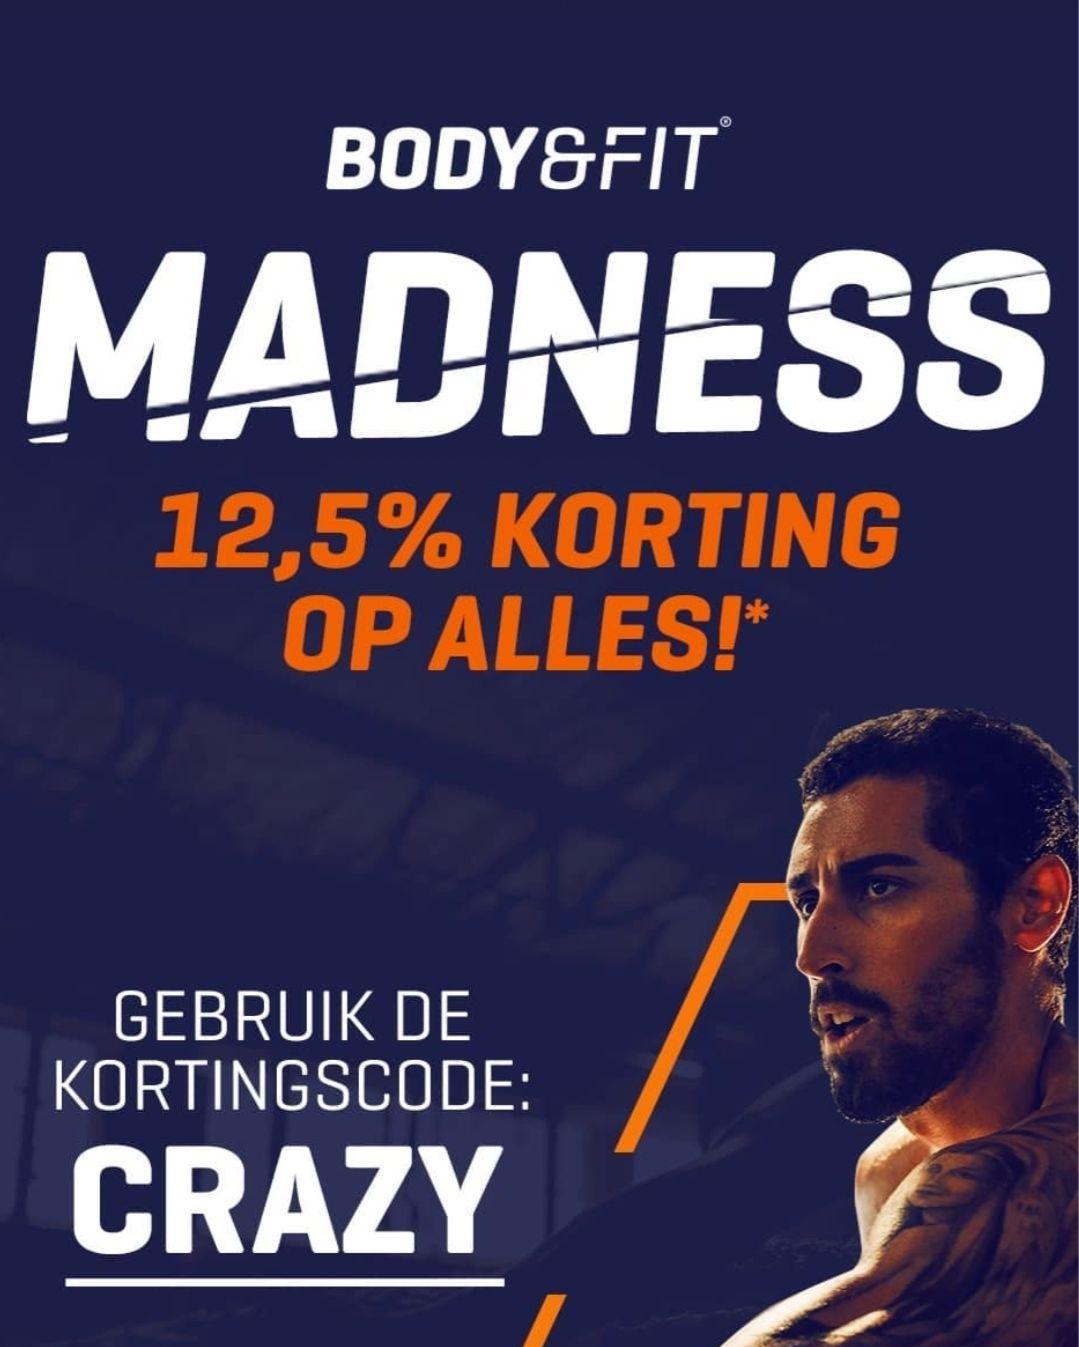 12,5% KORTING OP ALLES BIJ BODY&FIT*